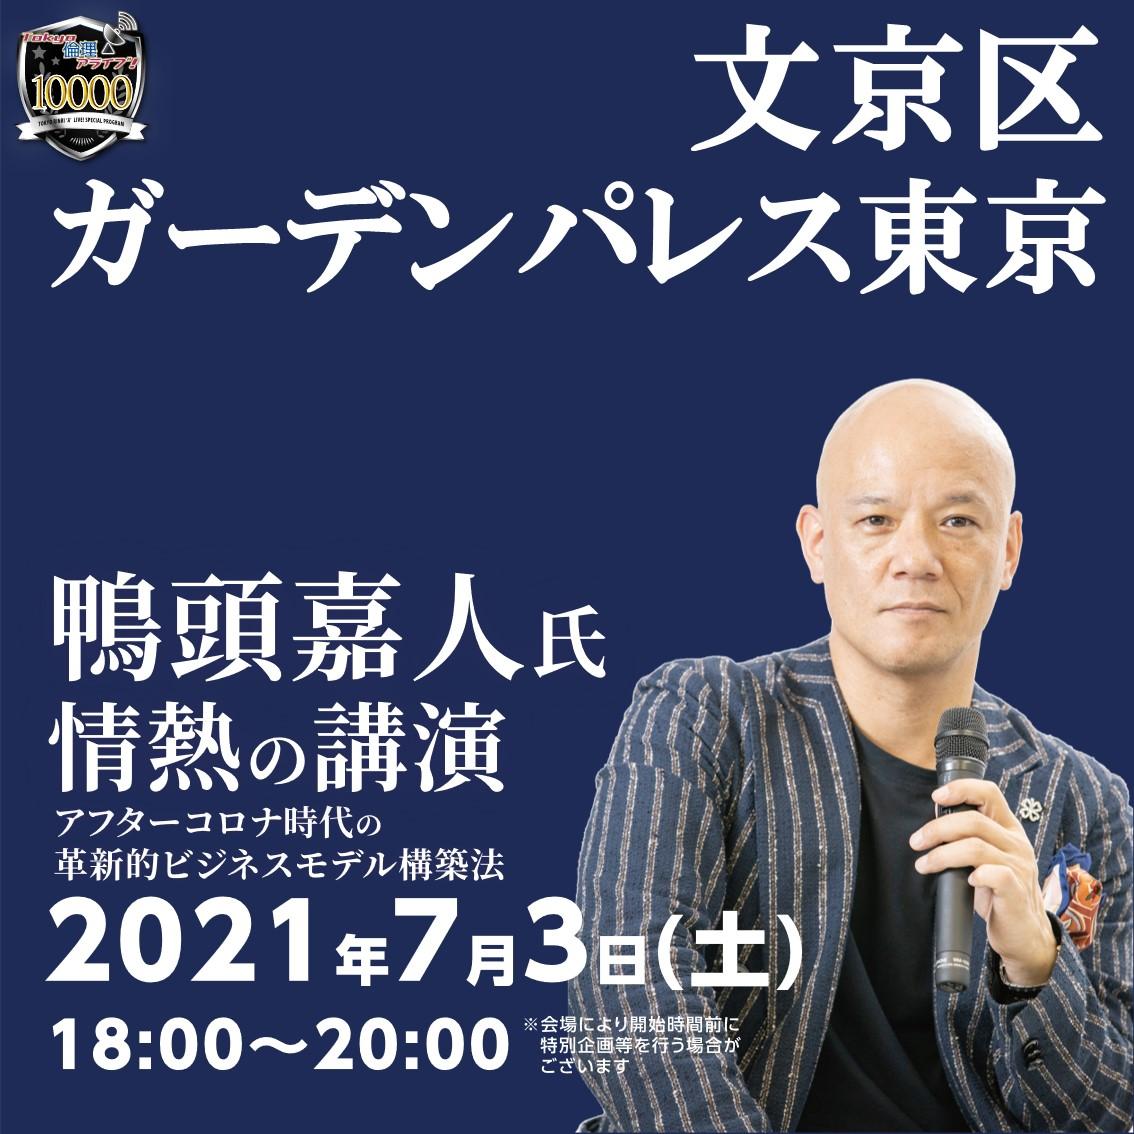 【文京区】倫理アライブ10000サテライト会場【ガーデンパレス東京】